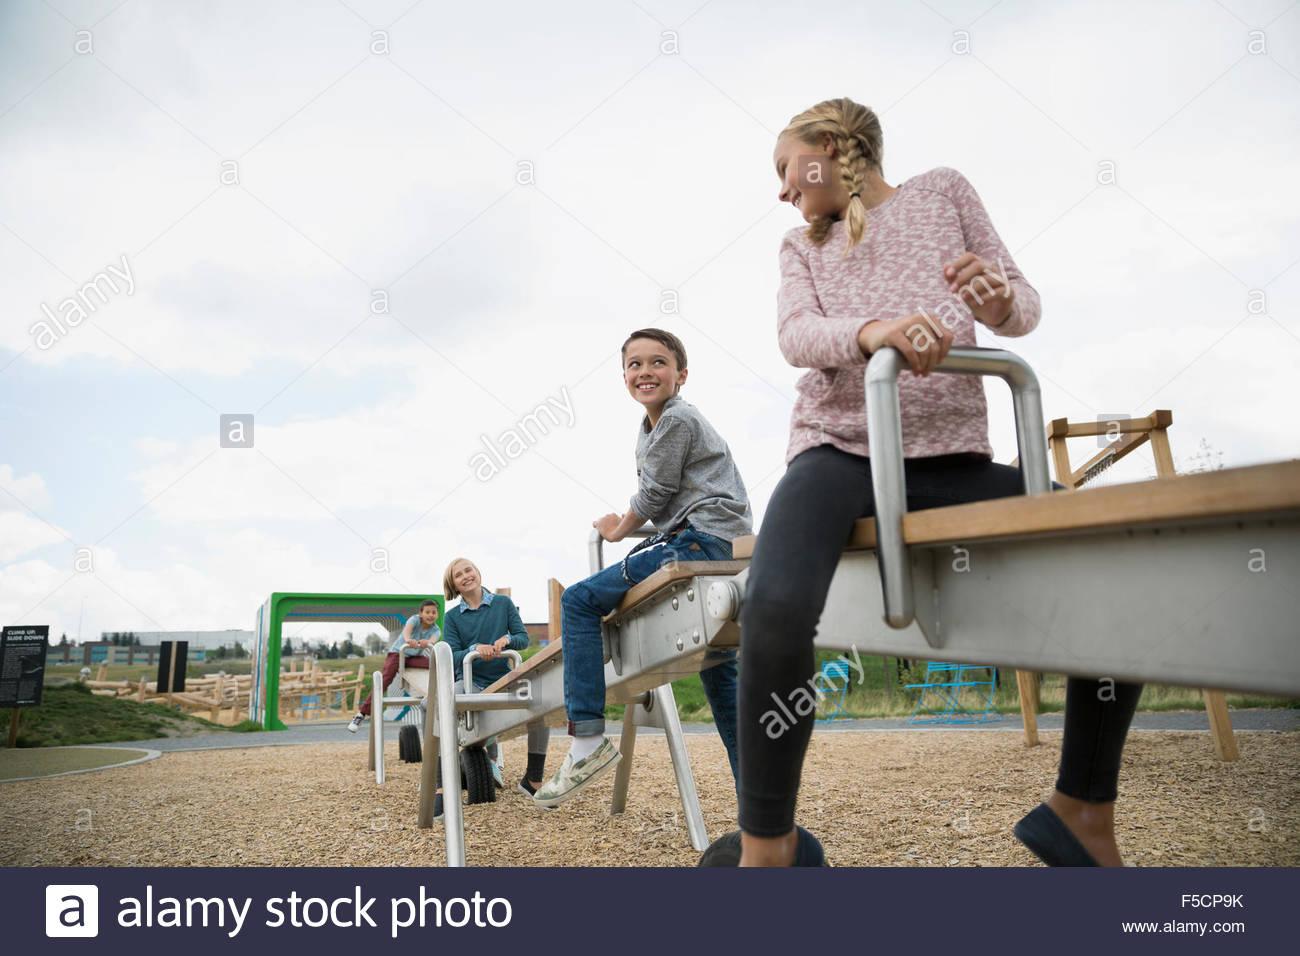 Niños jugando en el balancín largo en playground Imagen De Stock